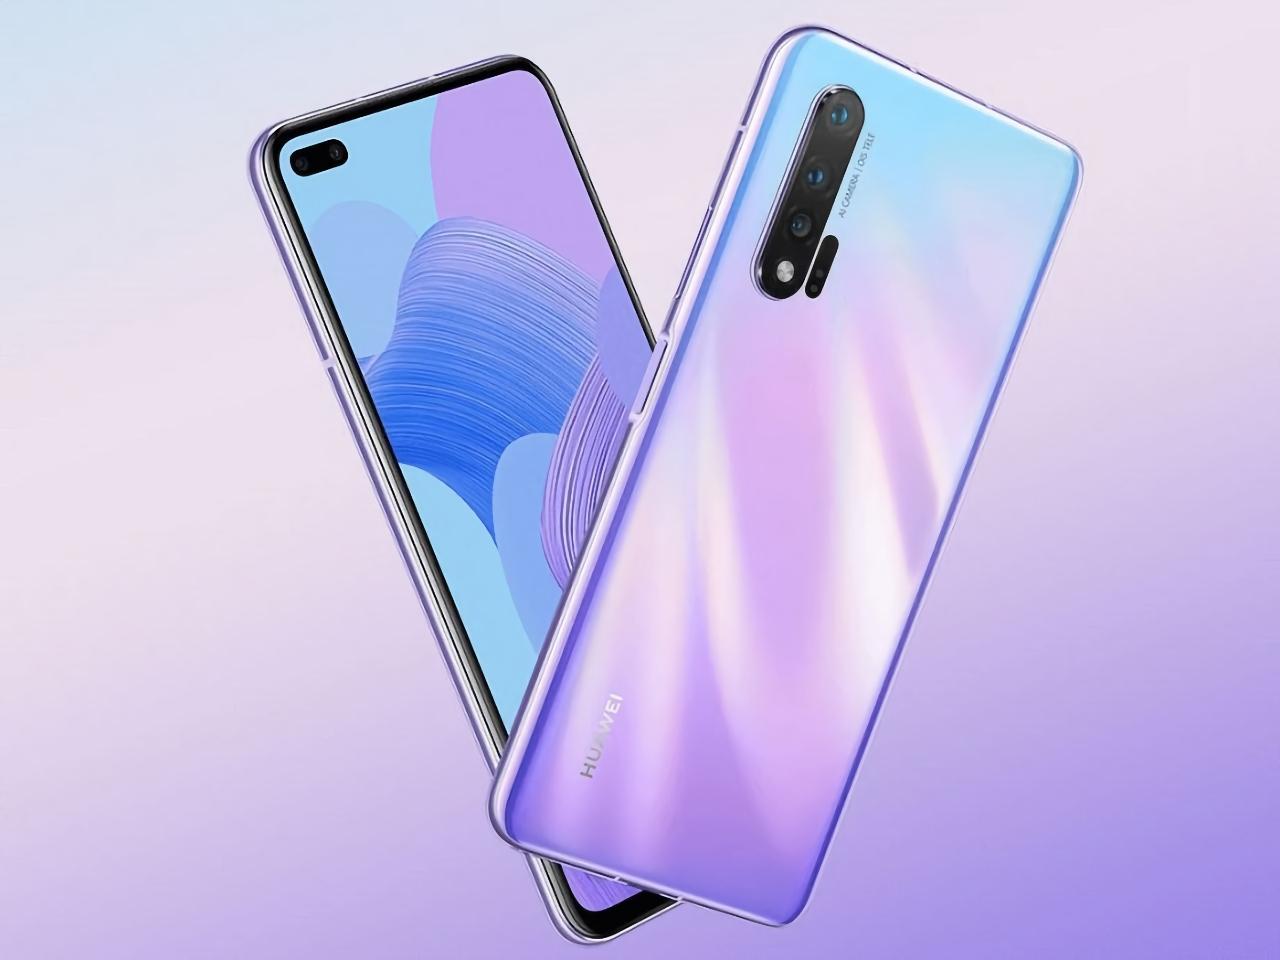 Официально: смартфоны Huawei Nova 8 и Huawei Nova 8 Pro анонсируют 23 декабря